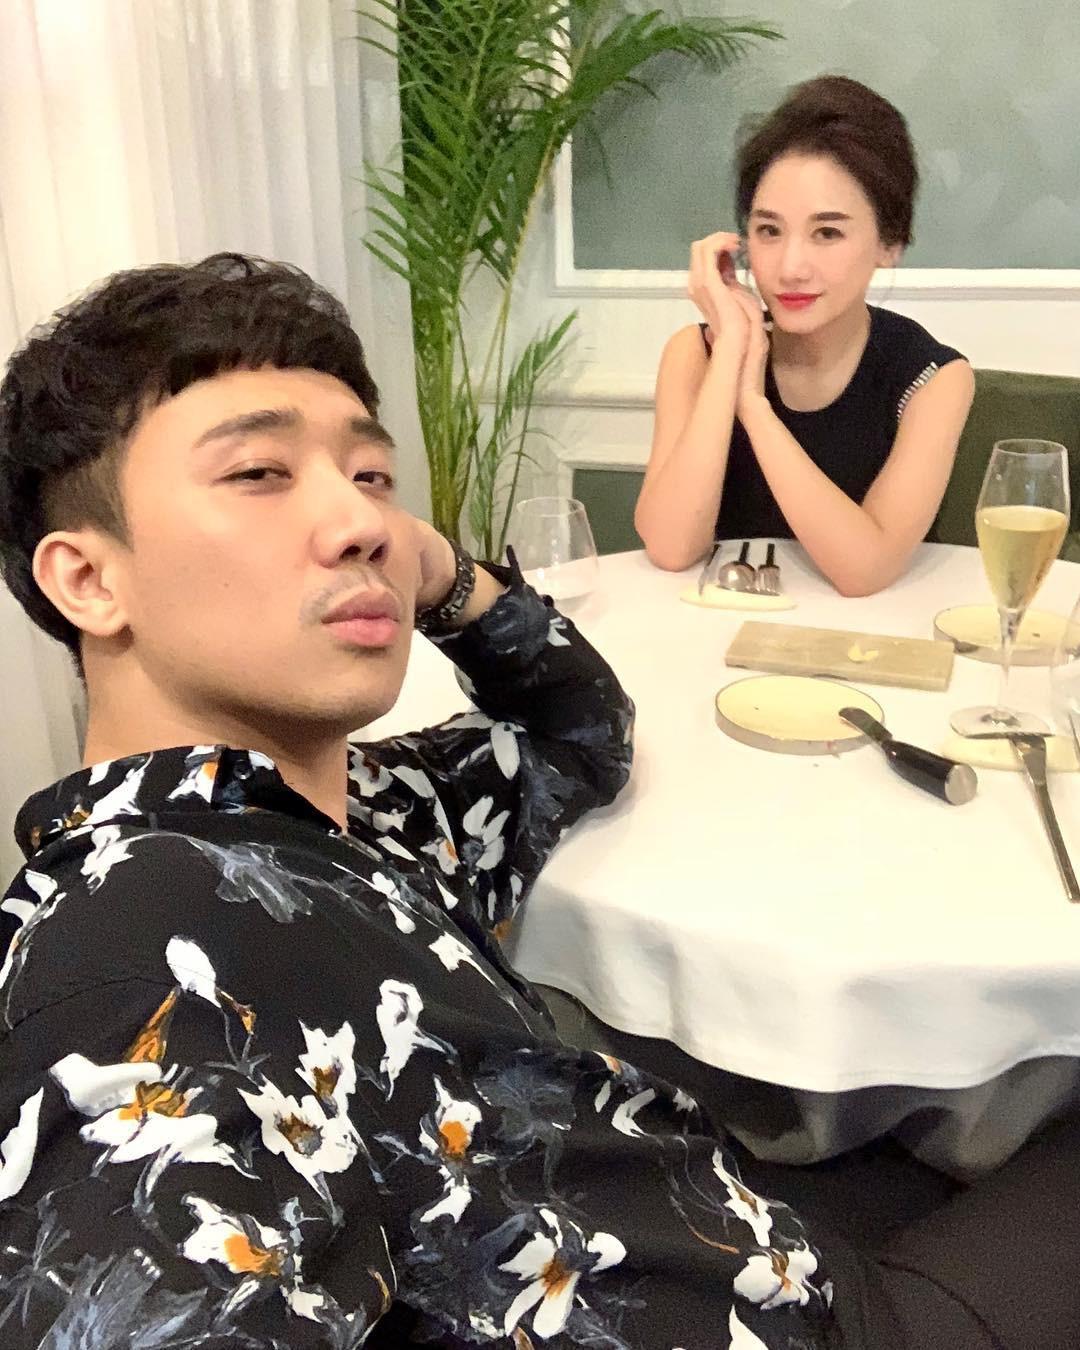 Trấn Thành và Hari Won kỷ niệm 3 năm yêu: Chàng khoe ảnh ngọt ngào, nàng hạnh phúc nhắn nhủ Cám ơn đã yêu tôi nha - Ảnh 1.